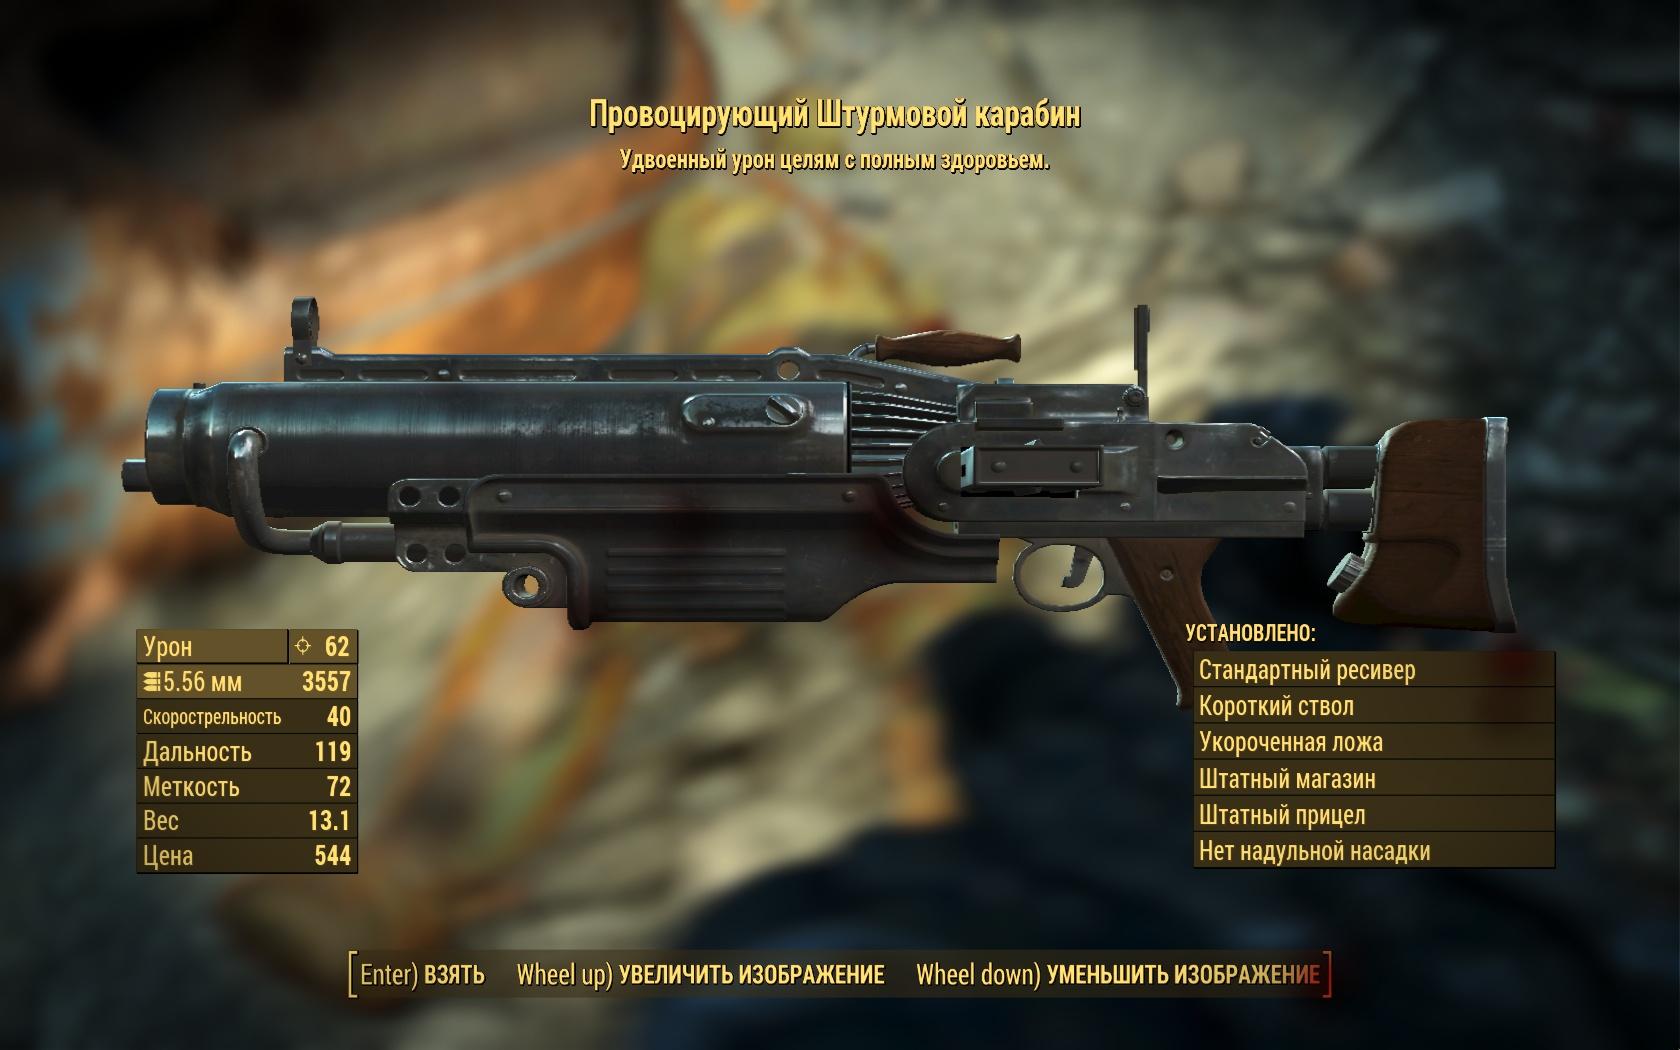 карабин - Fallout 4 Оружие, Провоцирующий, штурмовой